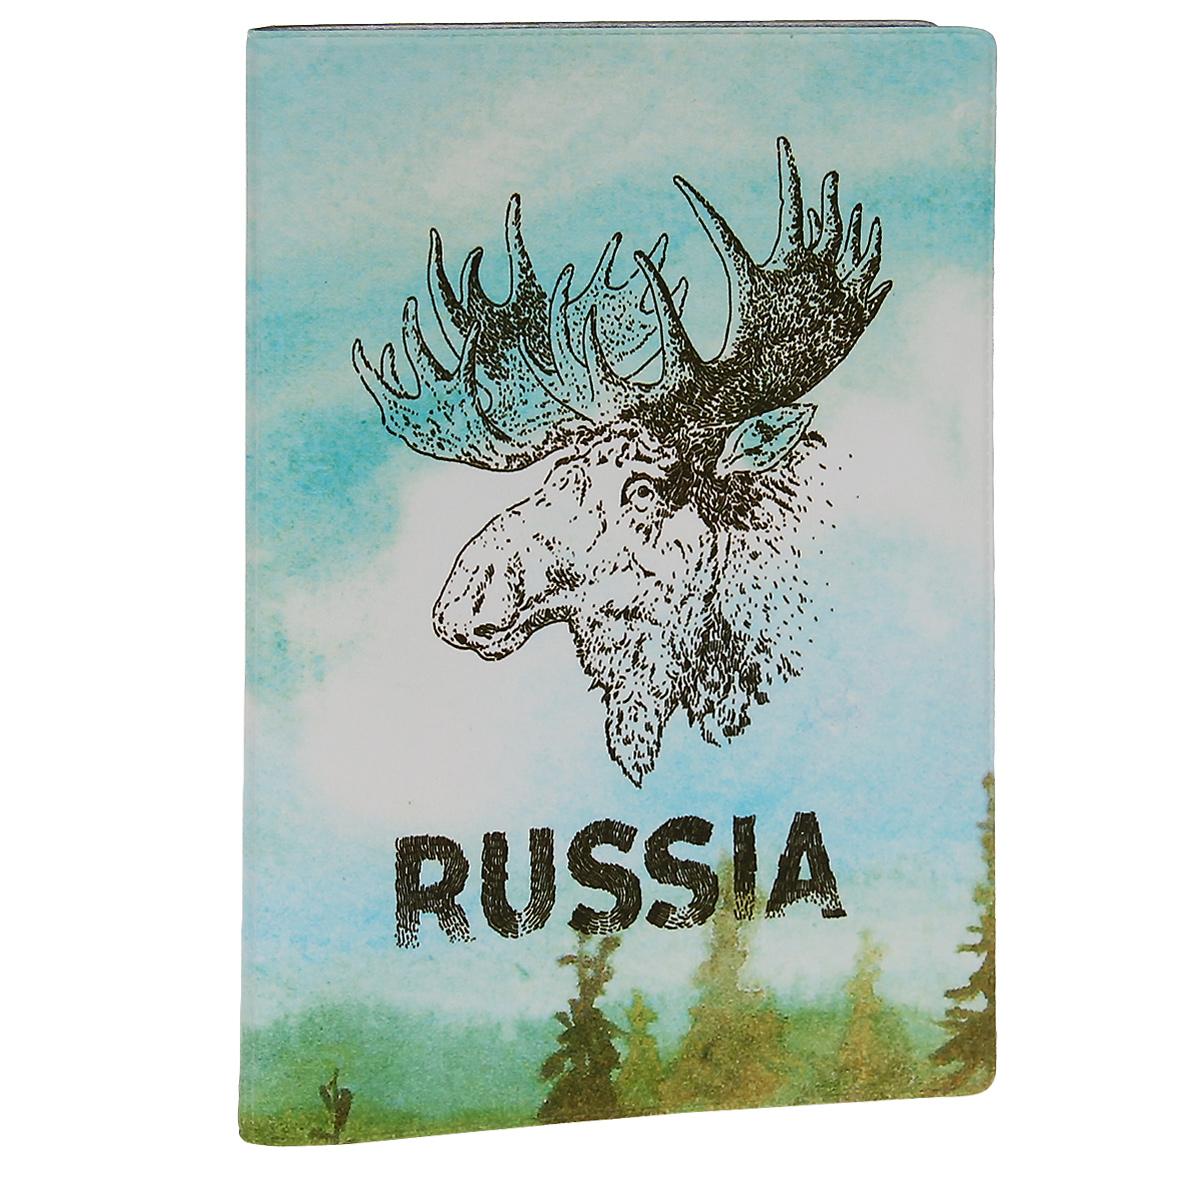 Обложка для паспорта Лось. OZAM30054019-65# CoffeeОбложка для паспорта Mitya Veselkov Лось выполнена из прочного ПВХ и оформлена изображением головы лося и надписью Russia. Такая обложка не только поможет сохранить внешний вид ваших документов и защитит их от повреждений, но и станет стильным аксессуаром, идеально подходящим вашему образу.Яркая и оригинальная обложка подчеркнет вашу индивидуальность и изысканный вкус. Обложка для паспорта стильного дизайна может быть достойным и оригинальным подарком.